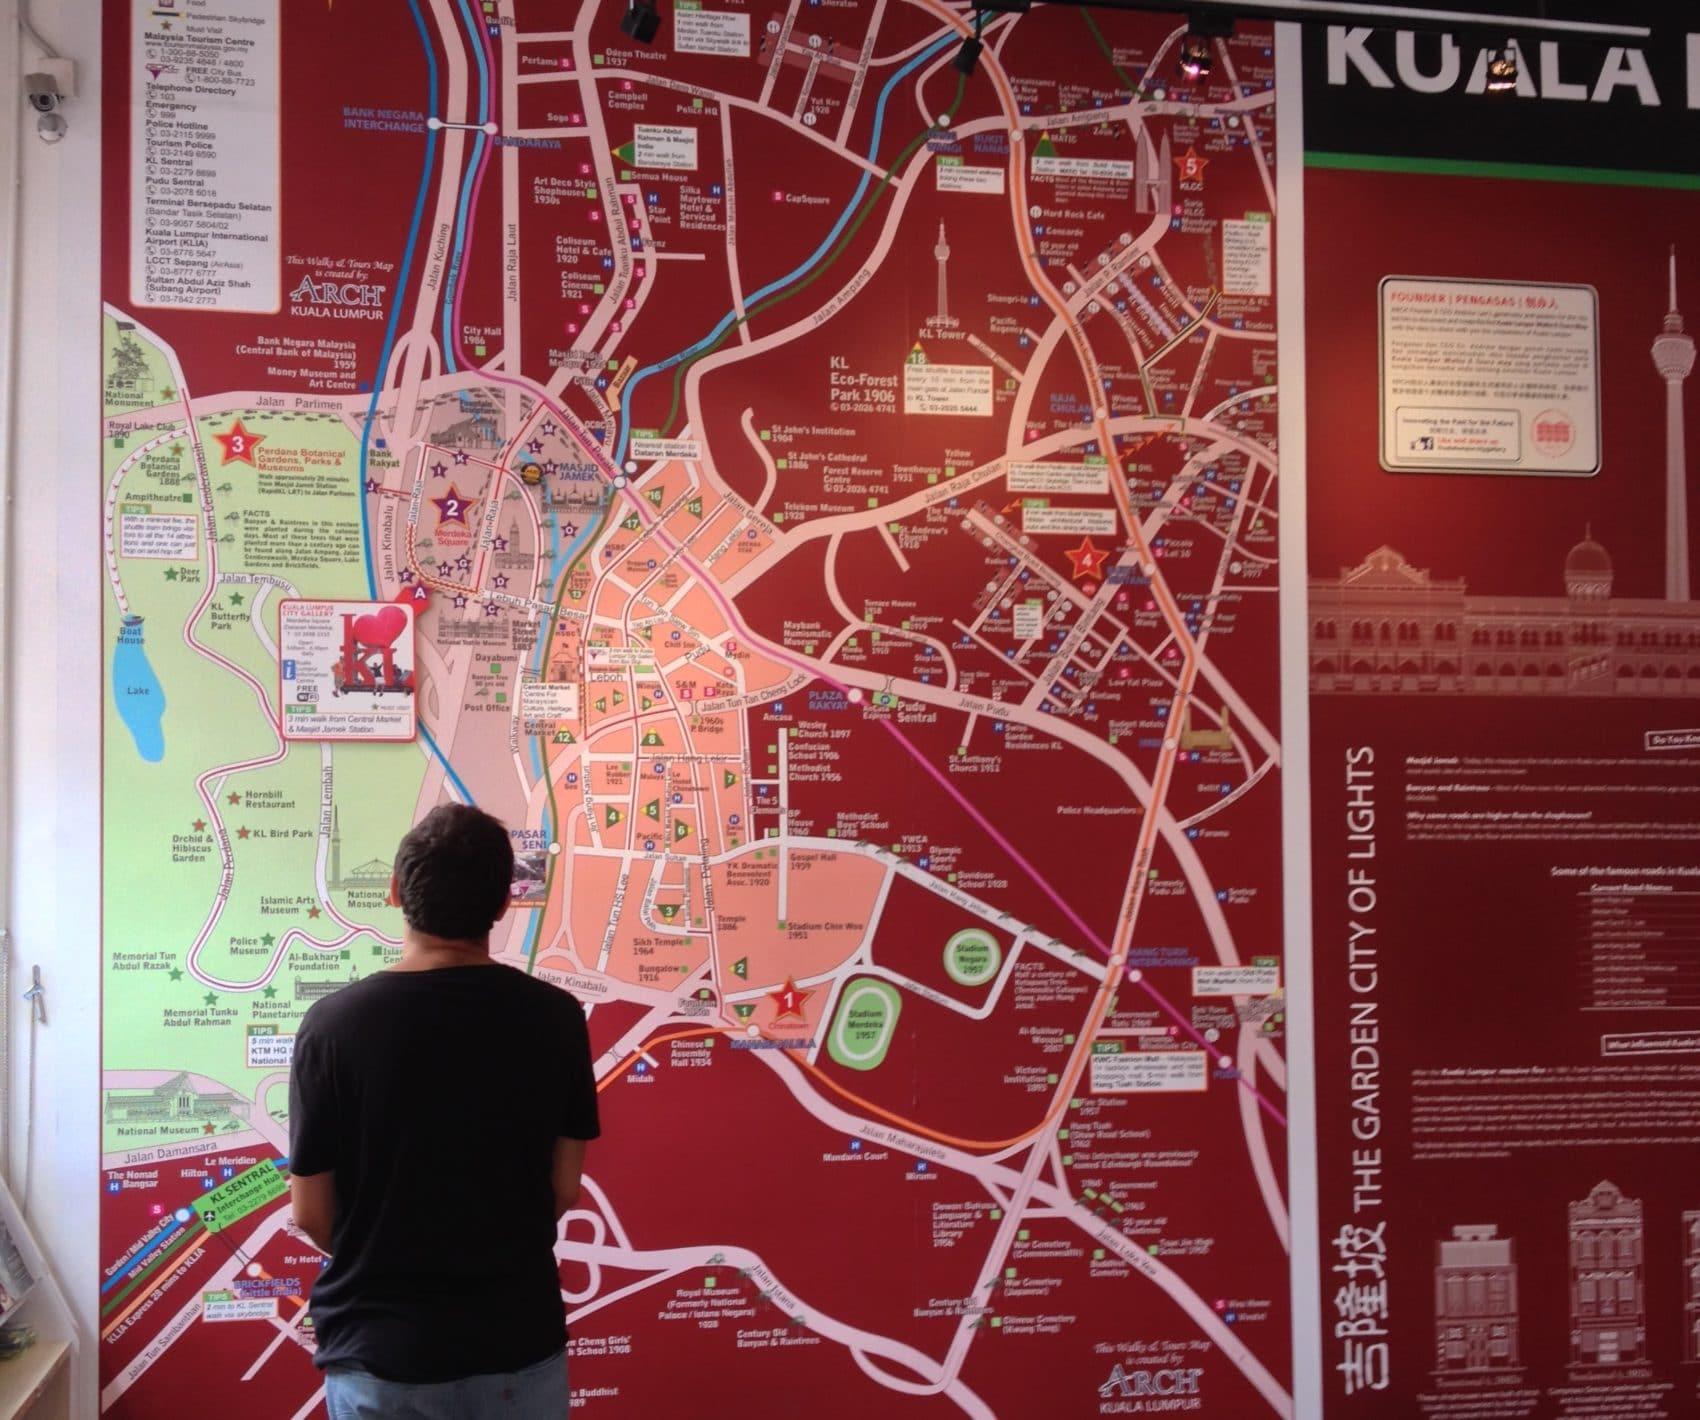 Se déplacer à Kuala Lumpur : tous les moyens de transports